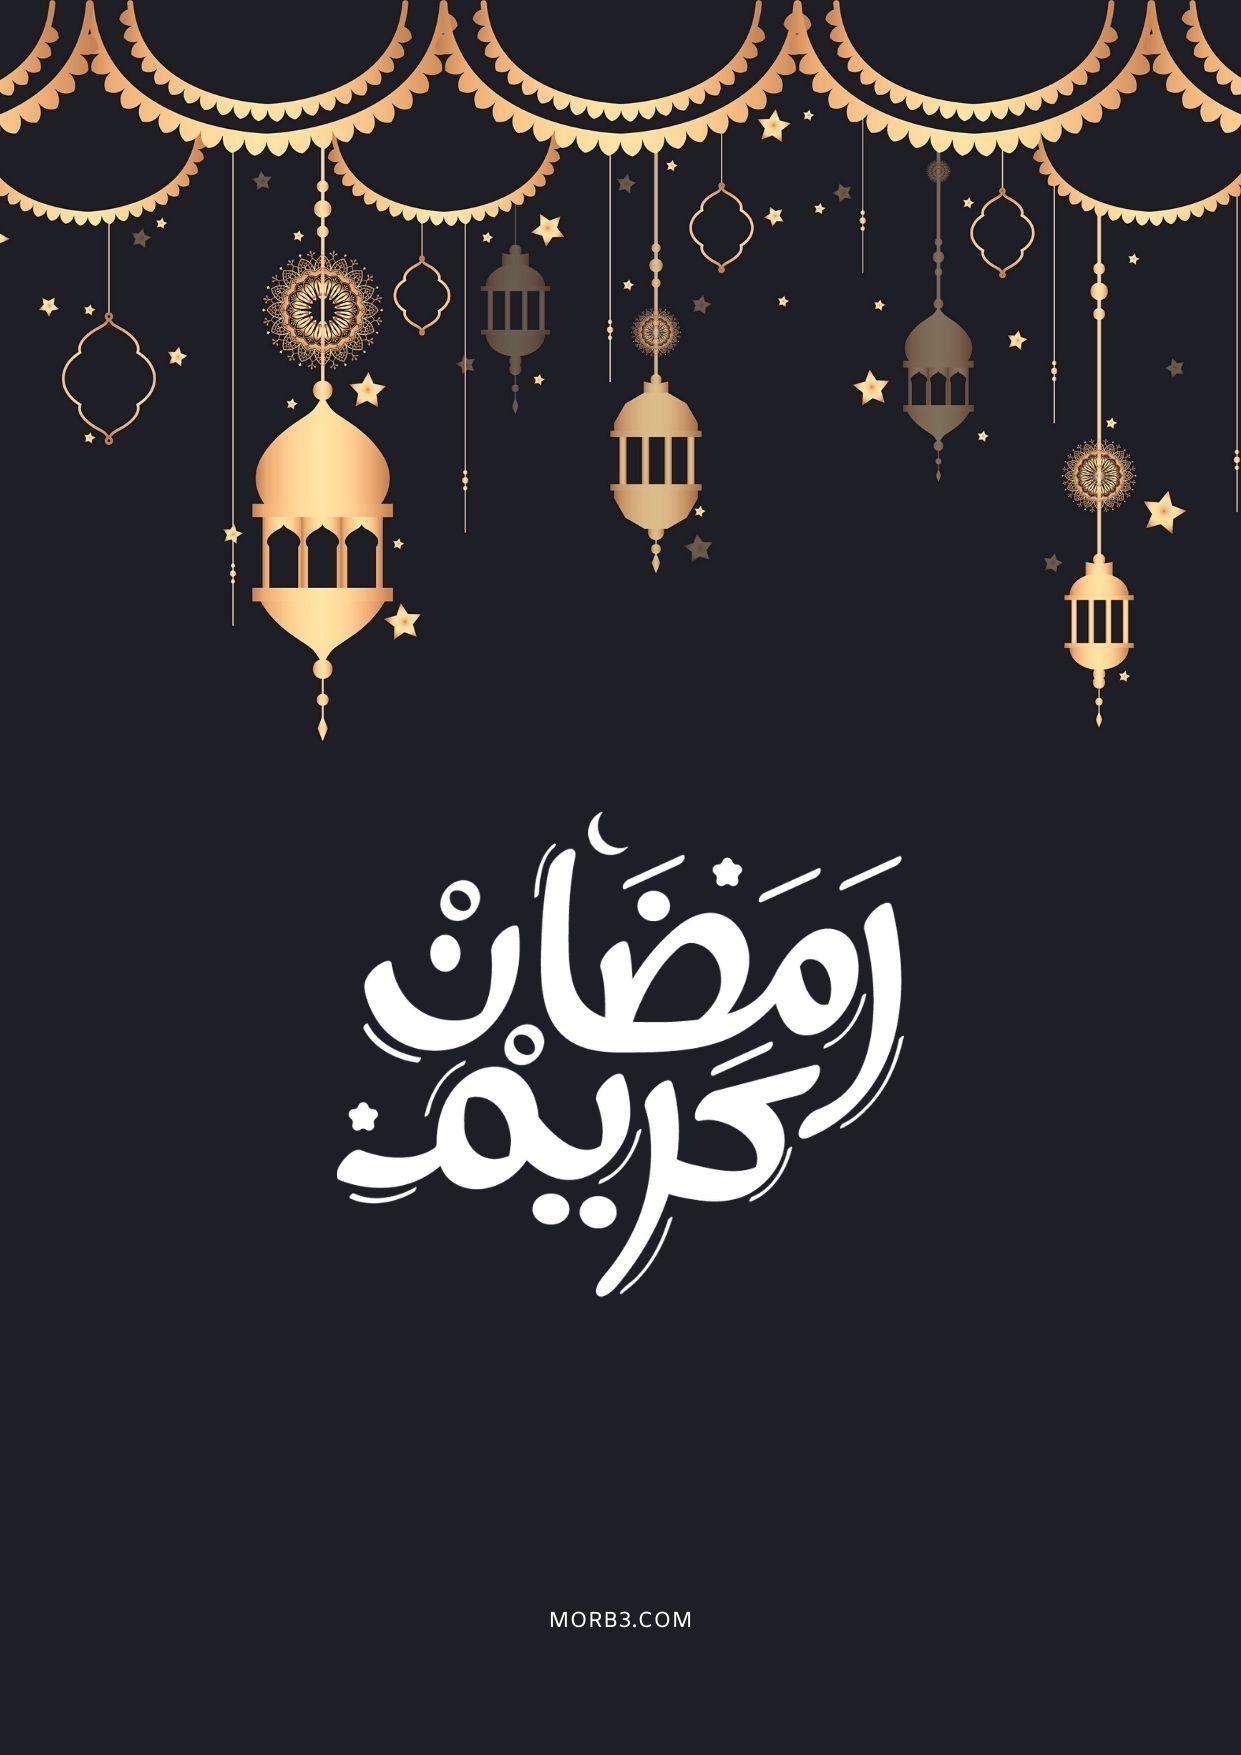 صور خلفيات رمضان كريم مبارك شهر رمضان خلفيات رمضانية للموبايل ايفون للجوال للفيس بوك للواتس خلفيات صور شهر رمضان تح Ramadan Mubarak Wallpapers Geometry Art Art